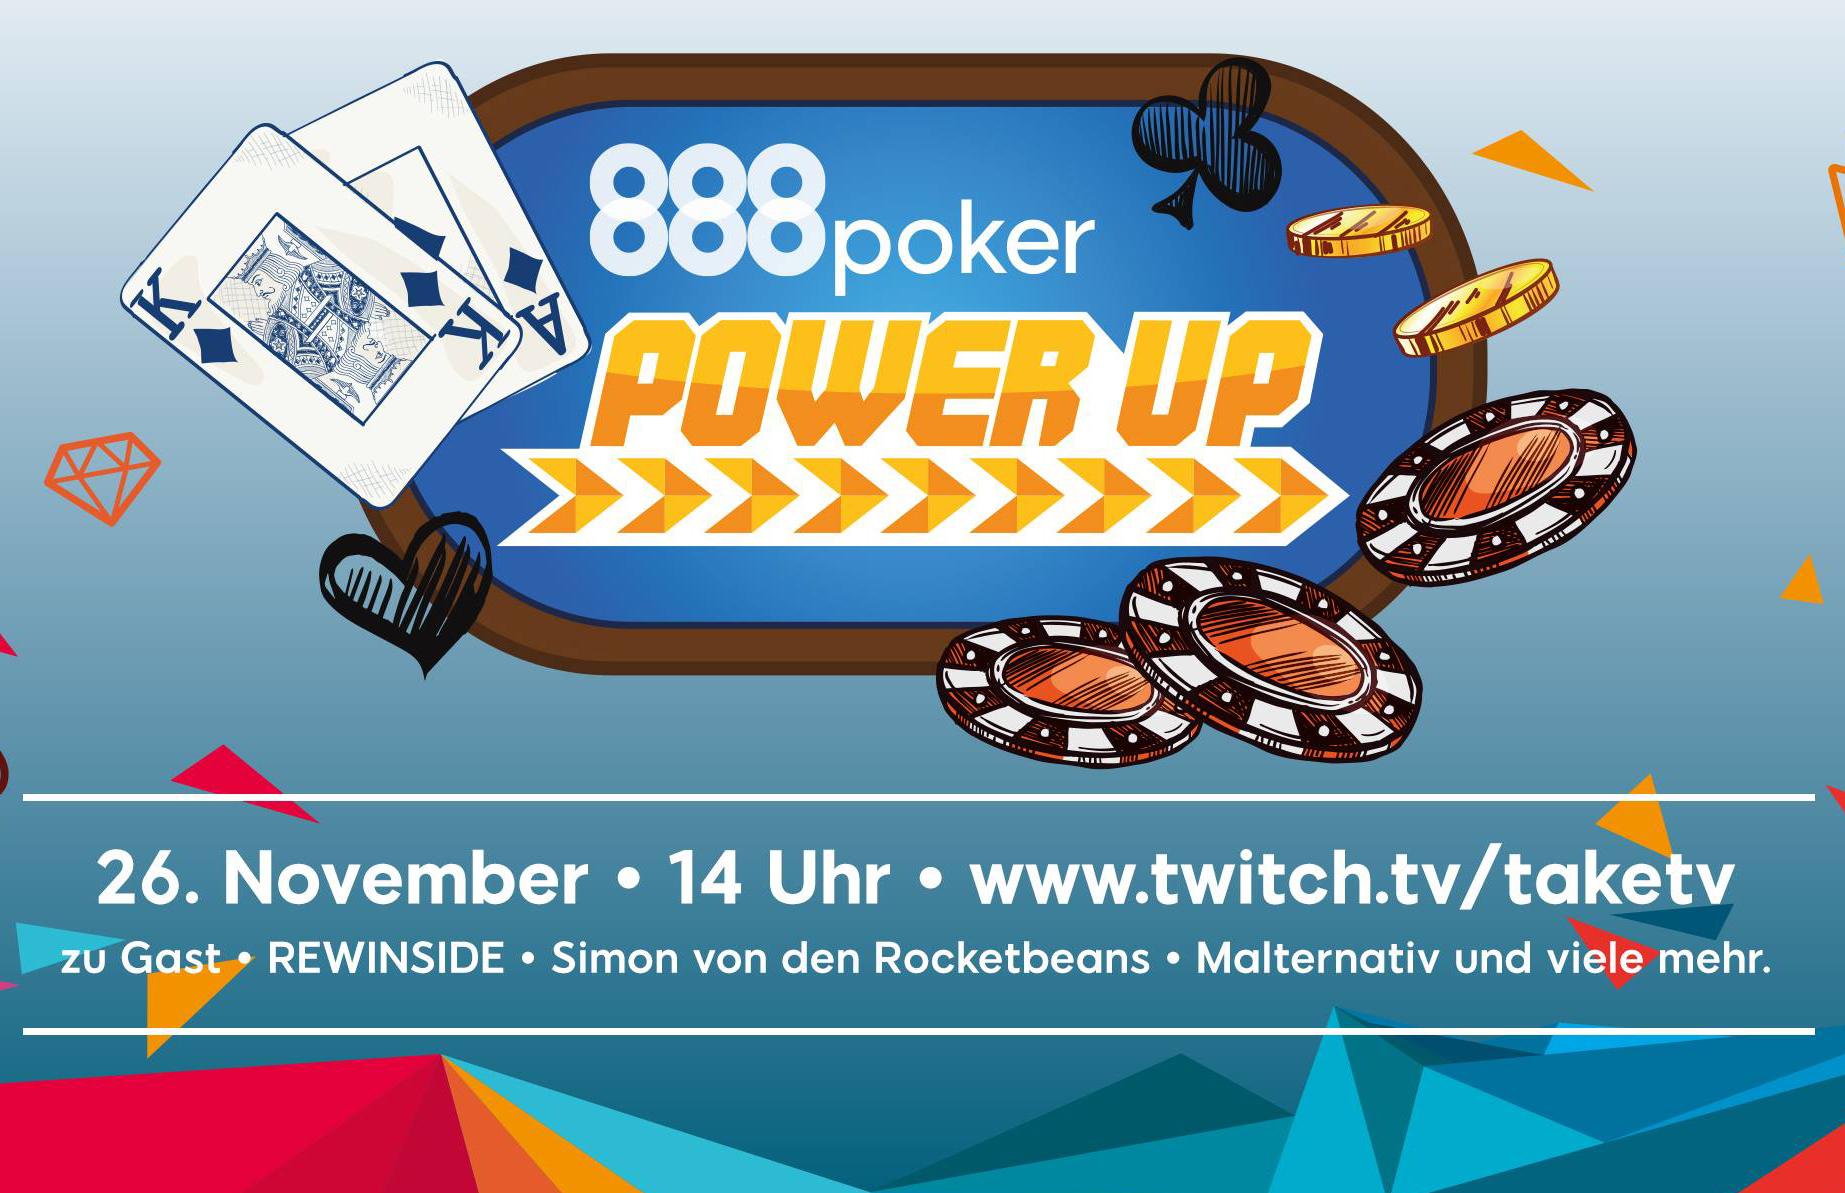 888 casino registrieren